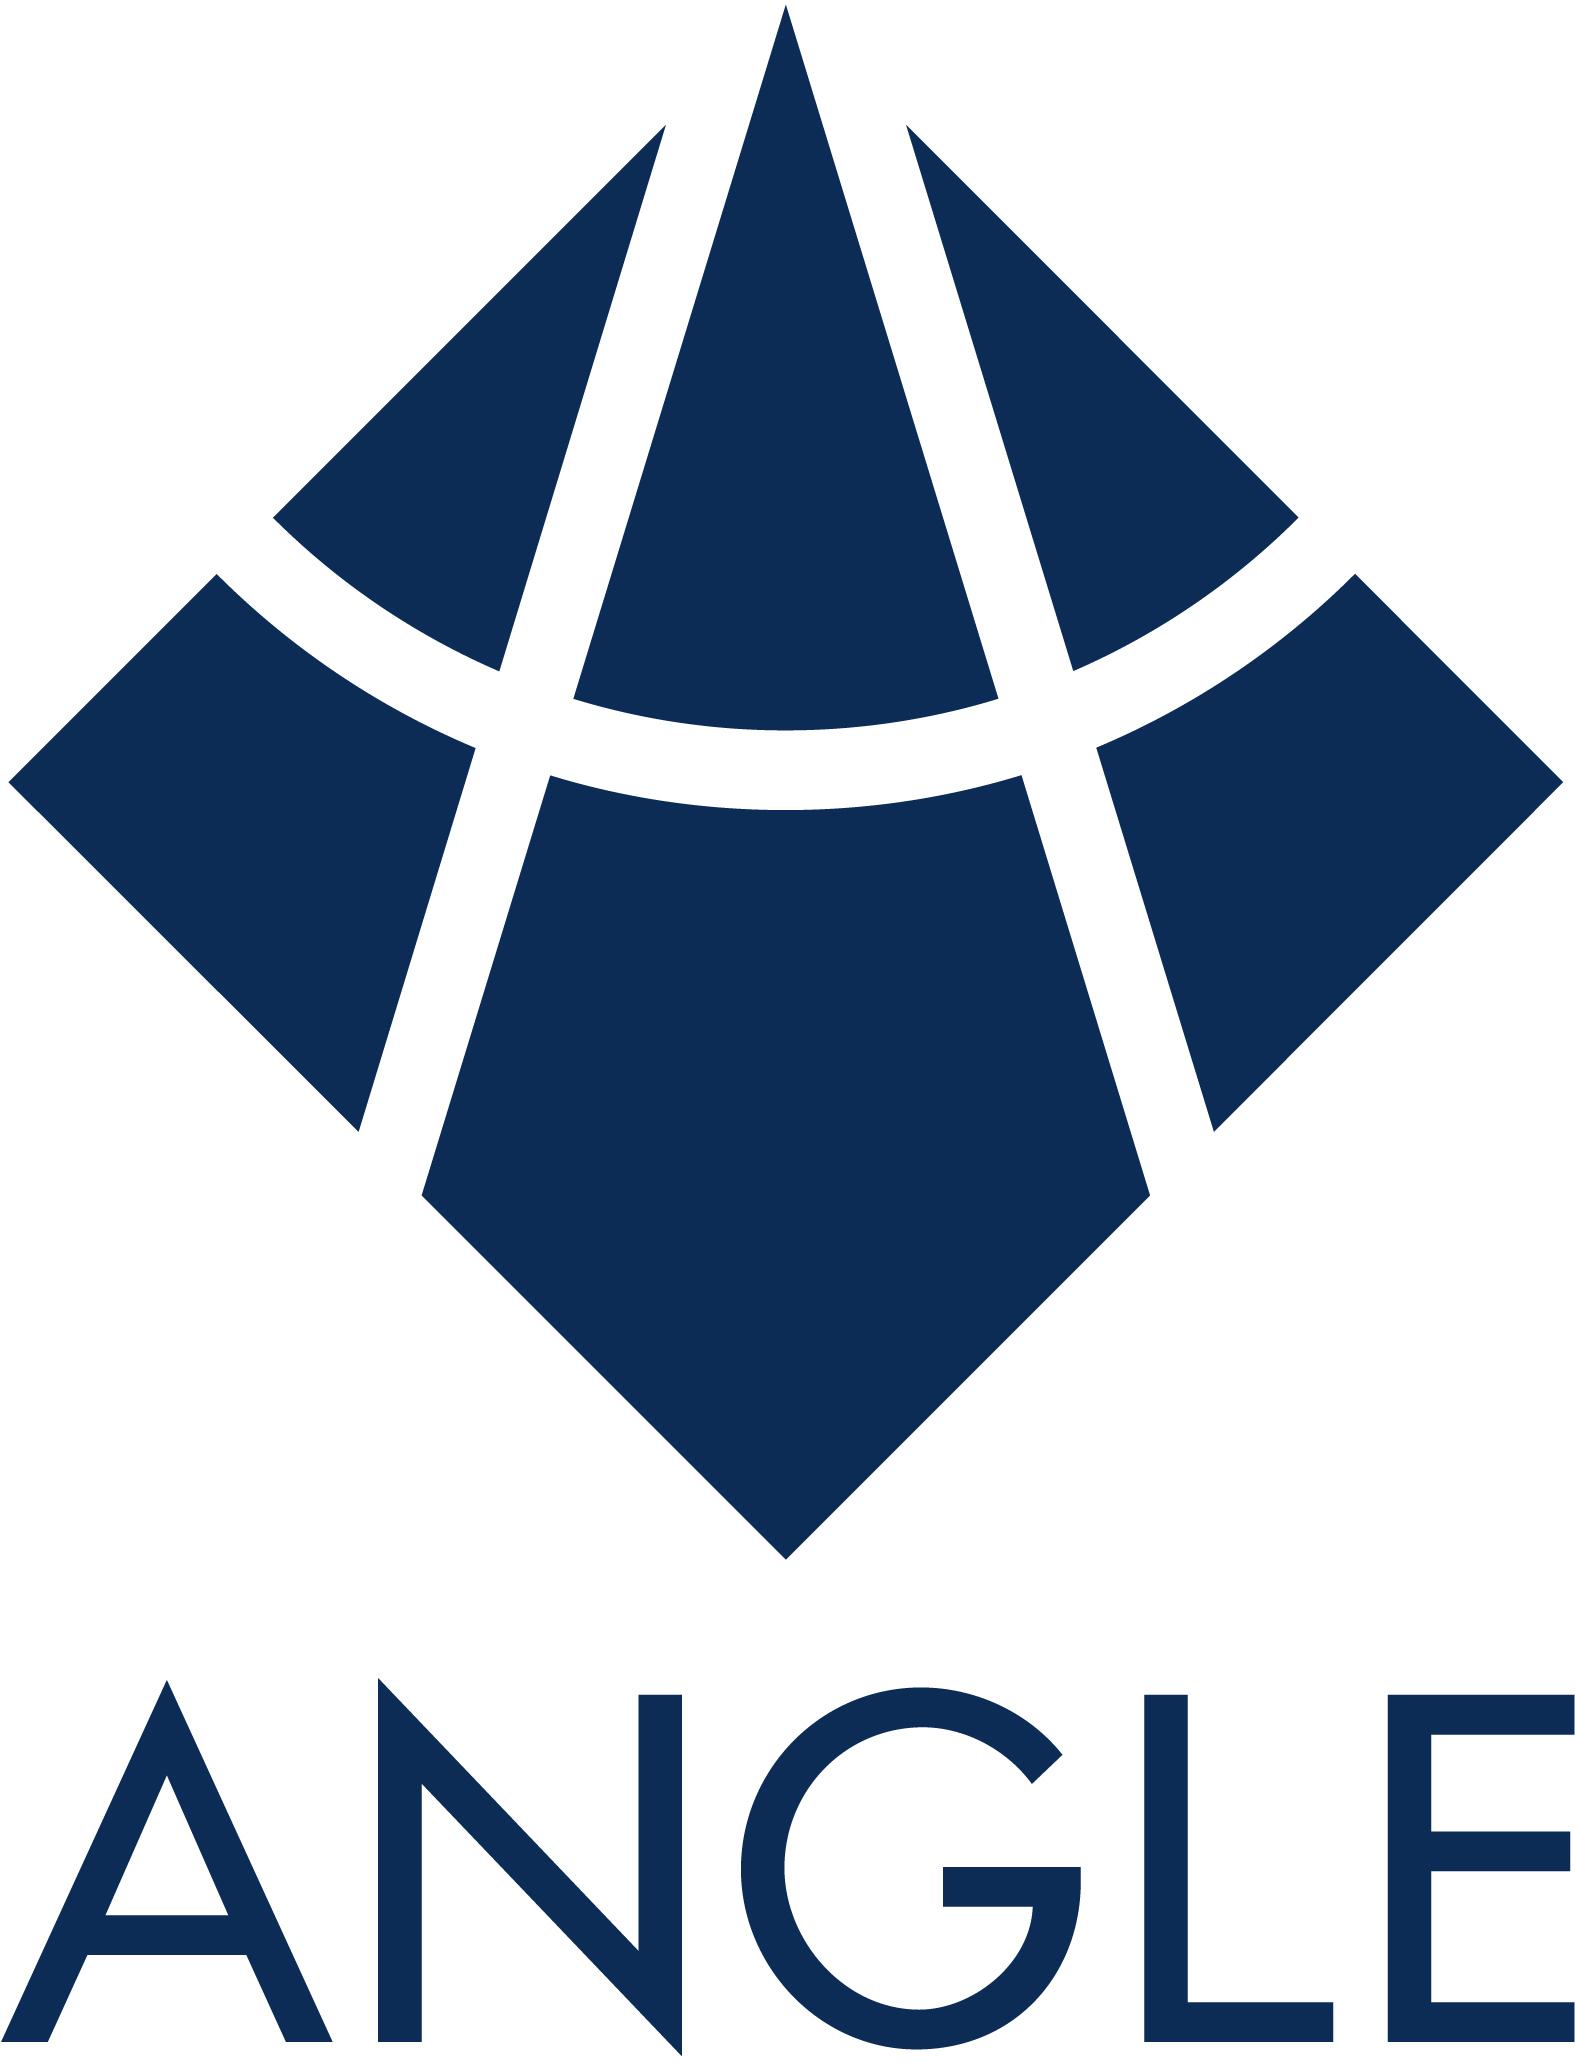 ANGLE logo.jpg